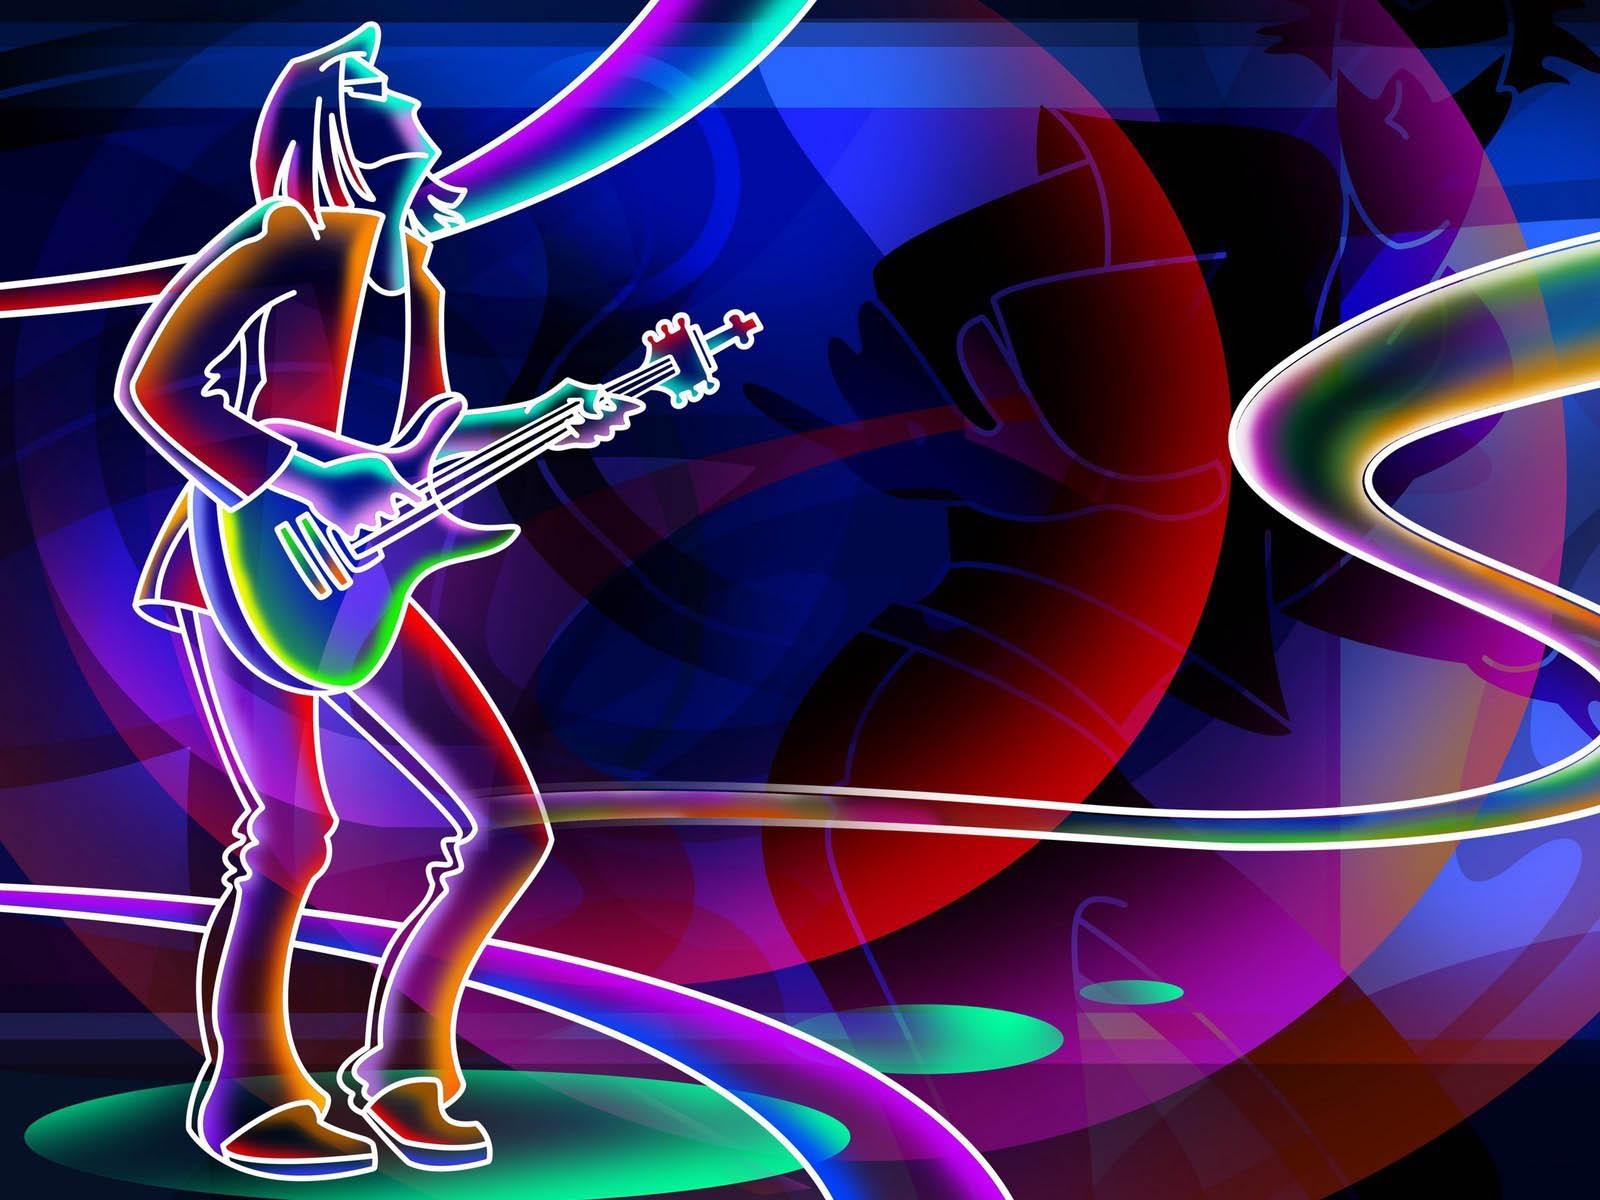 Neon Art Wallpapers Desktop Wallpaper 1600x1200